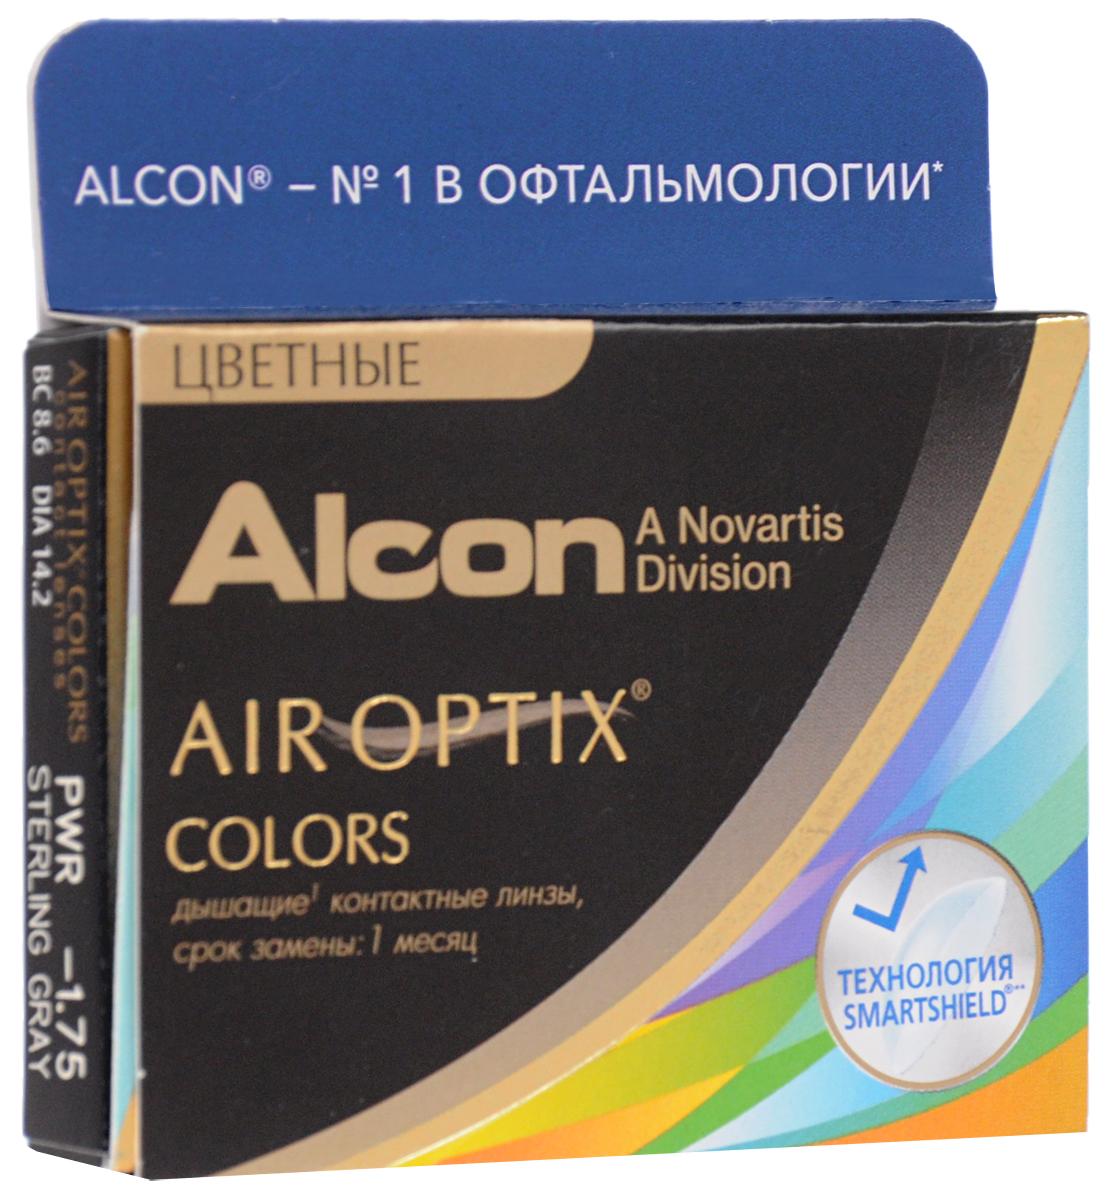 Аlcon контактные линзы Air Optix Colors 2 шт -1.75 Sterling Gray, Alcon